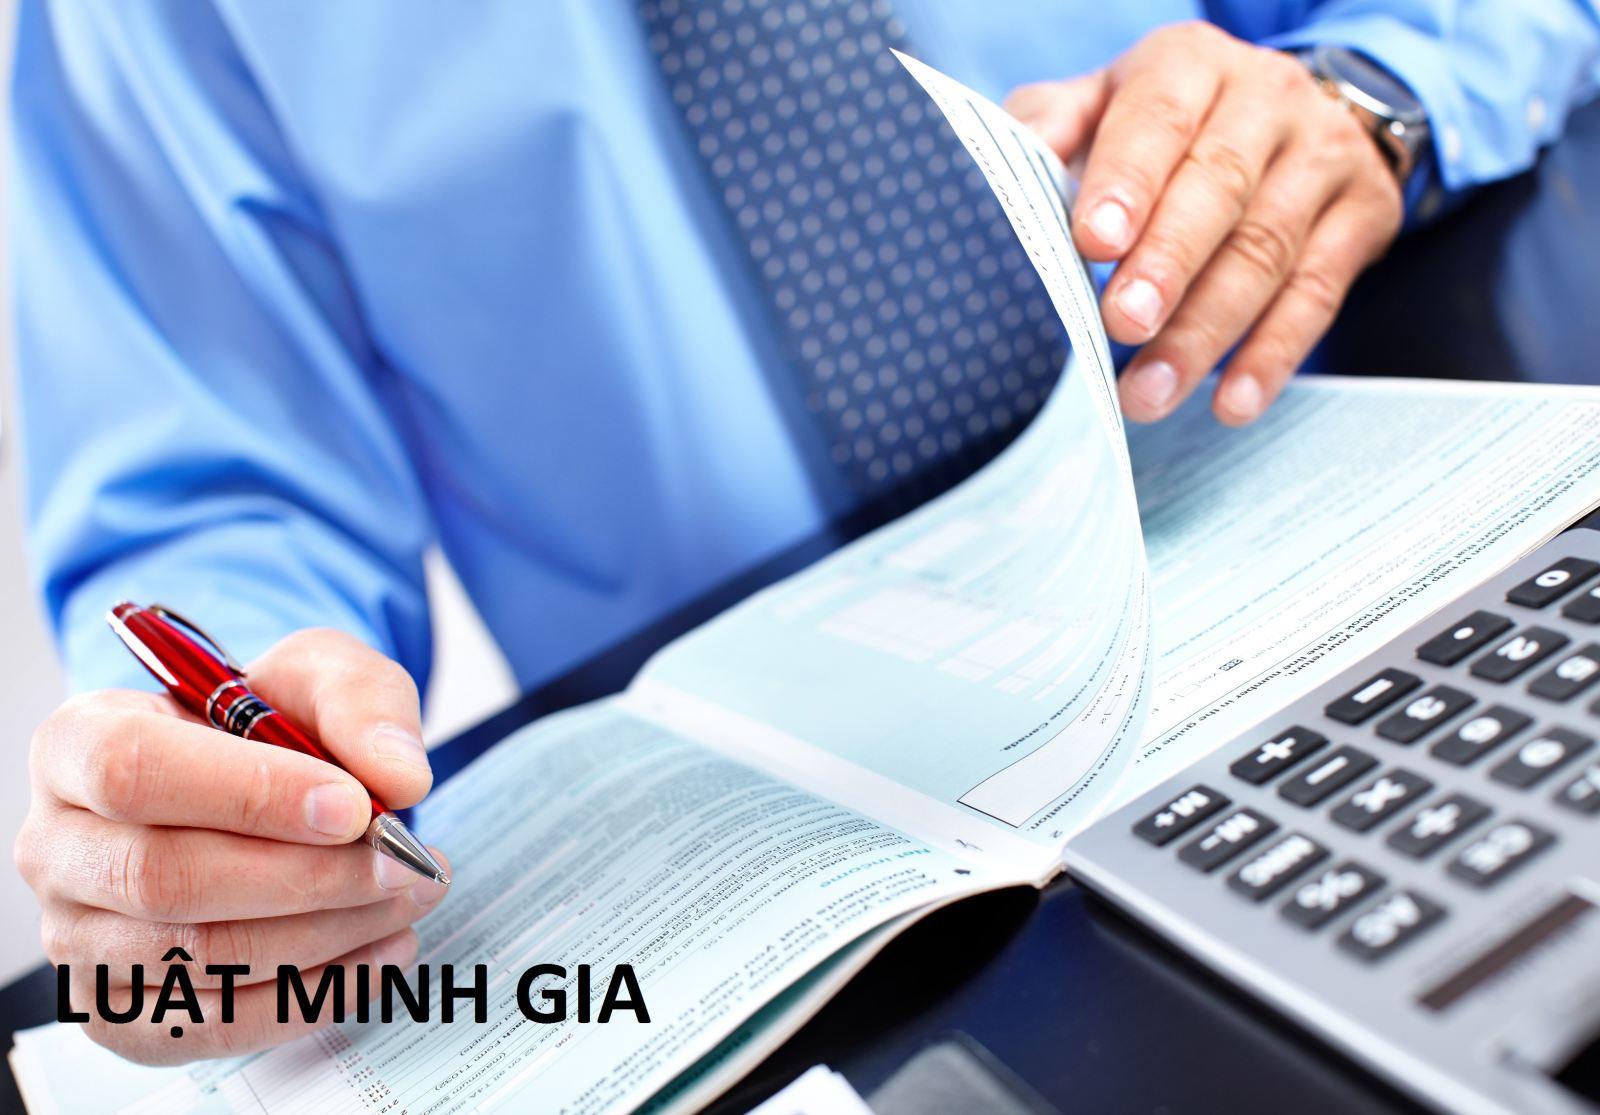 Thủ tục chấm dứt hoạt động của hộ kinh doanh theo quy định pháp luật?